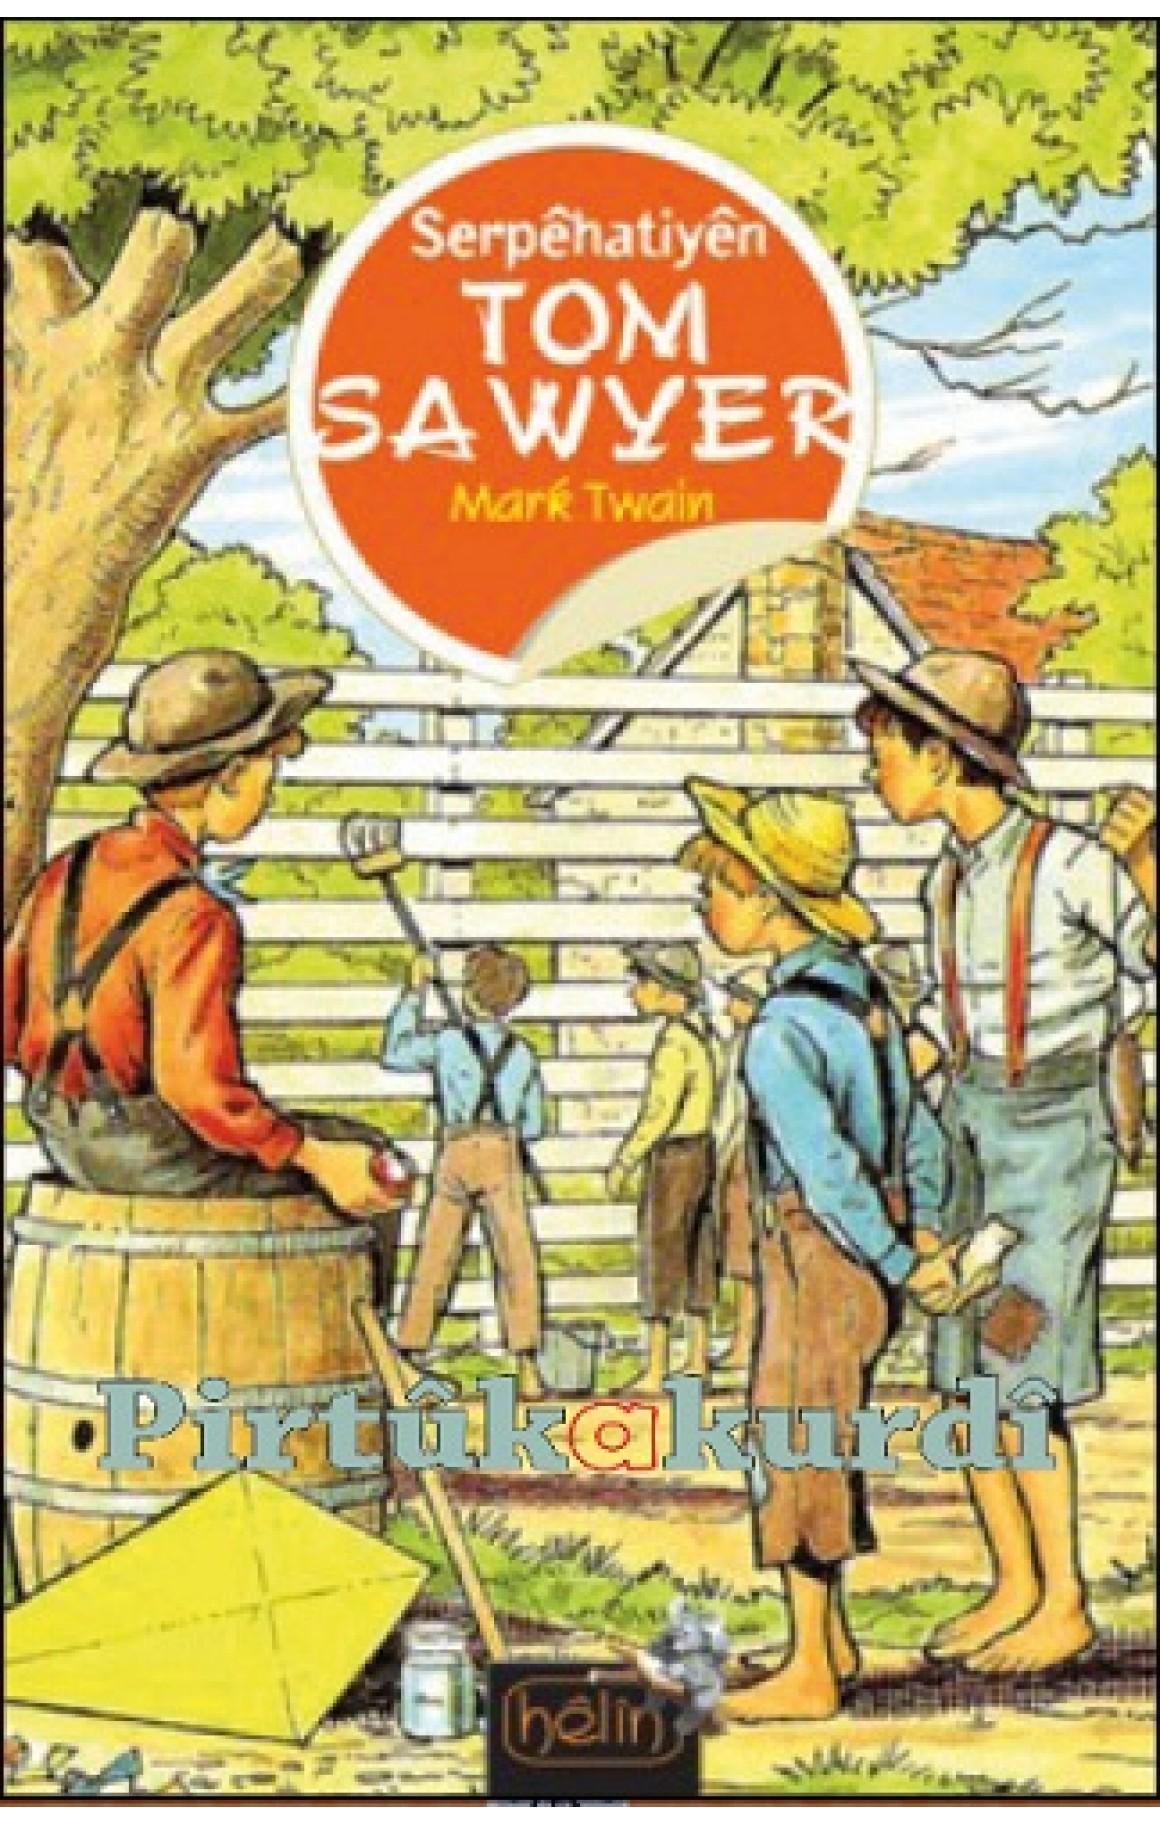 Serpêhatiyên Tom Sawyer